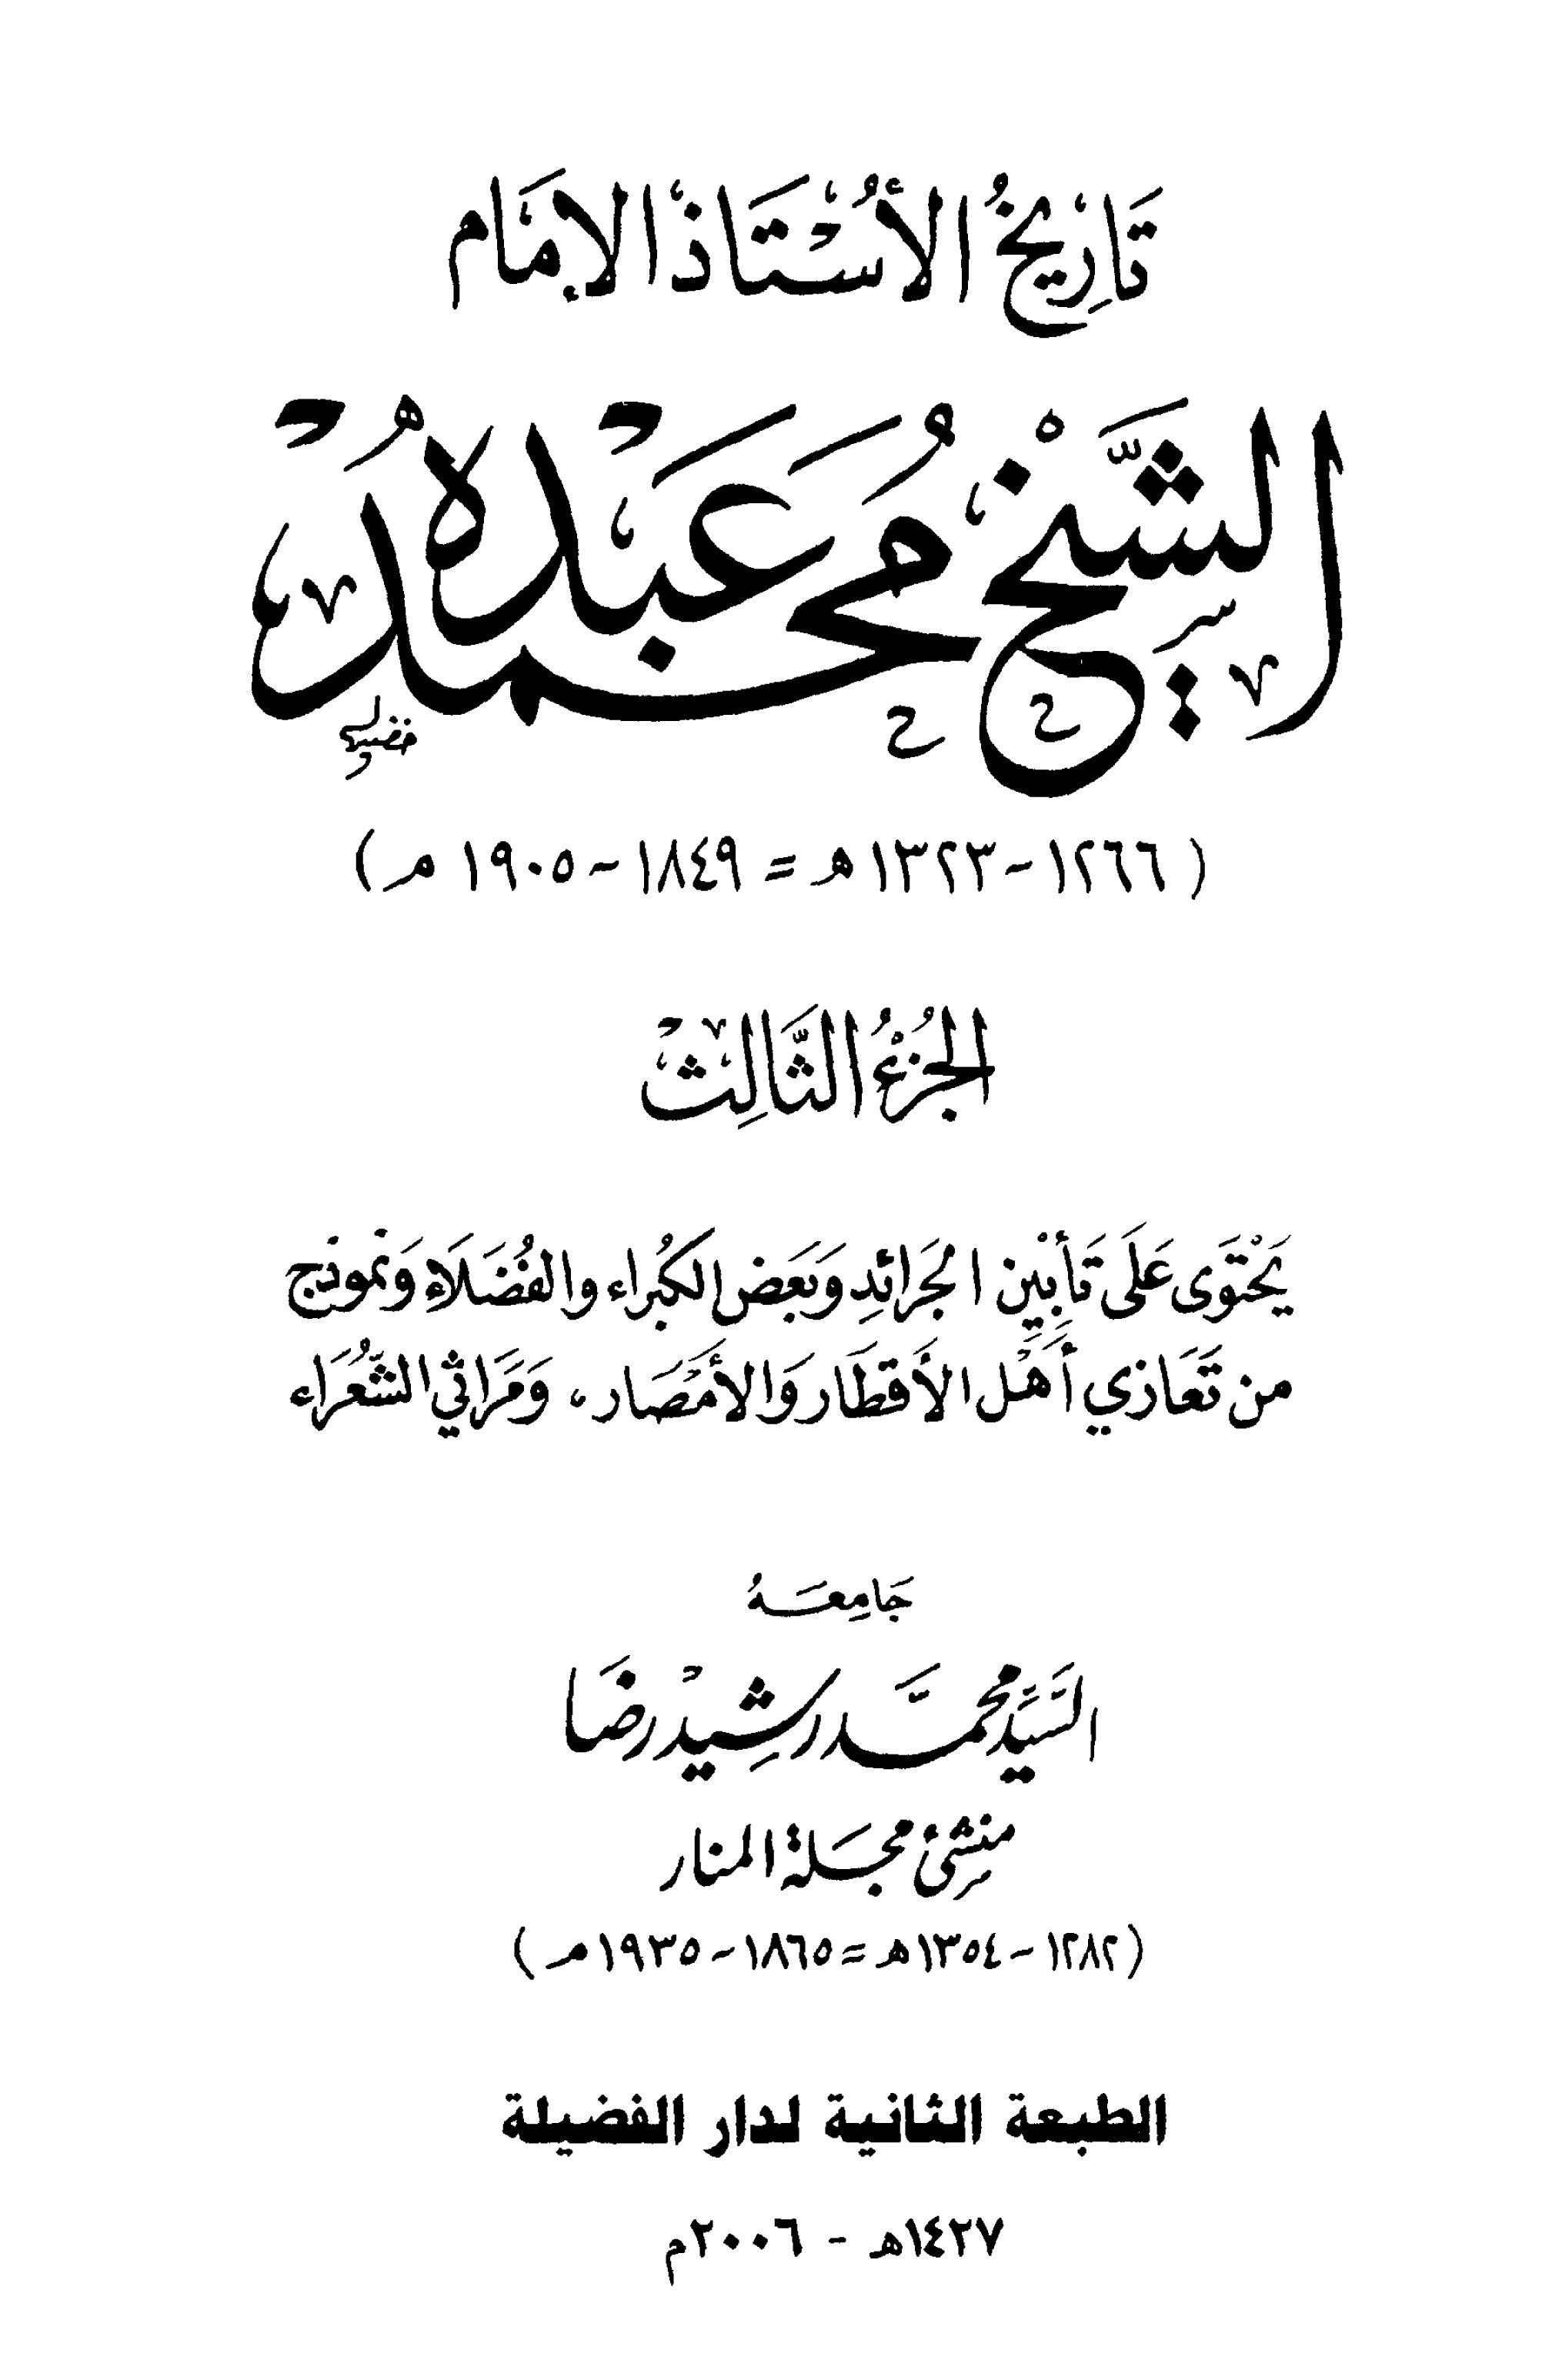 تاريخ الأستاذ الإمام محمد عبده (الجزء الثالث)